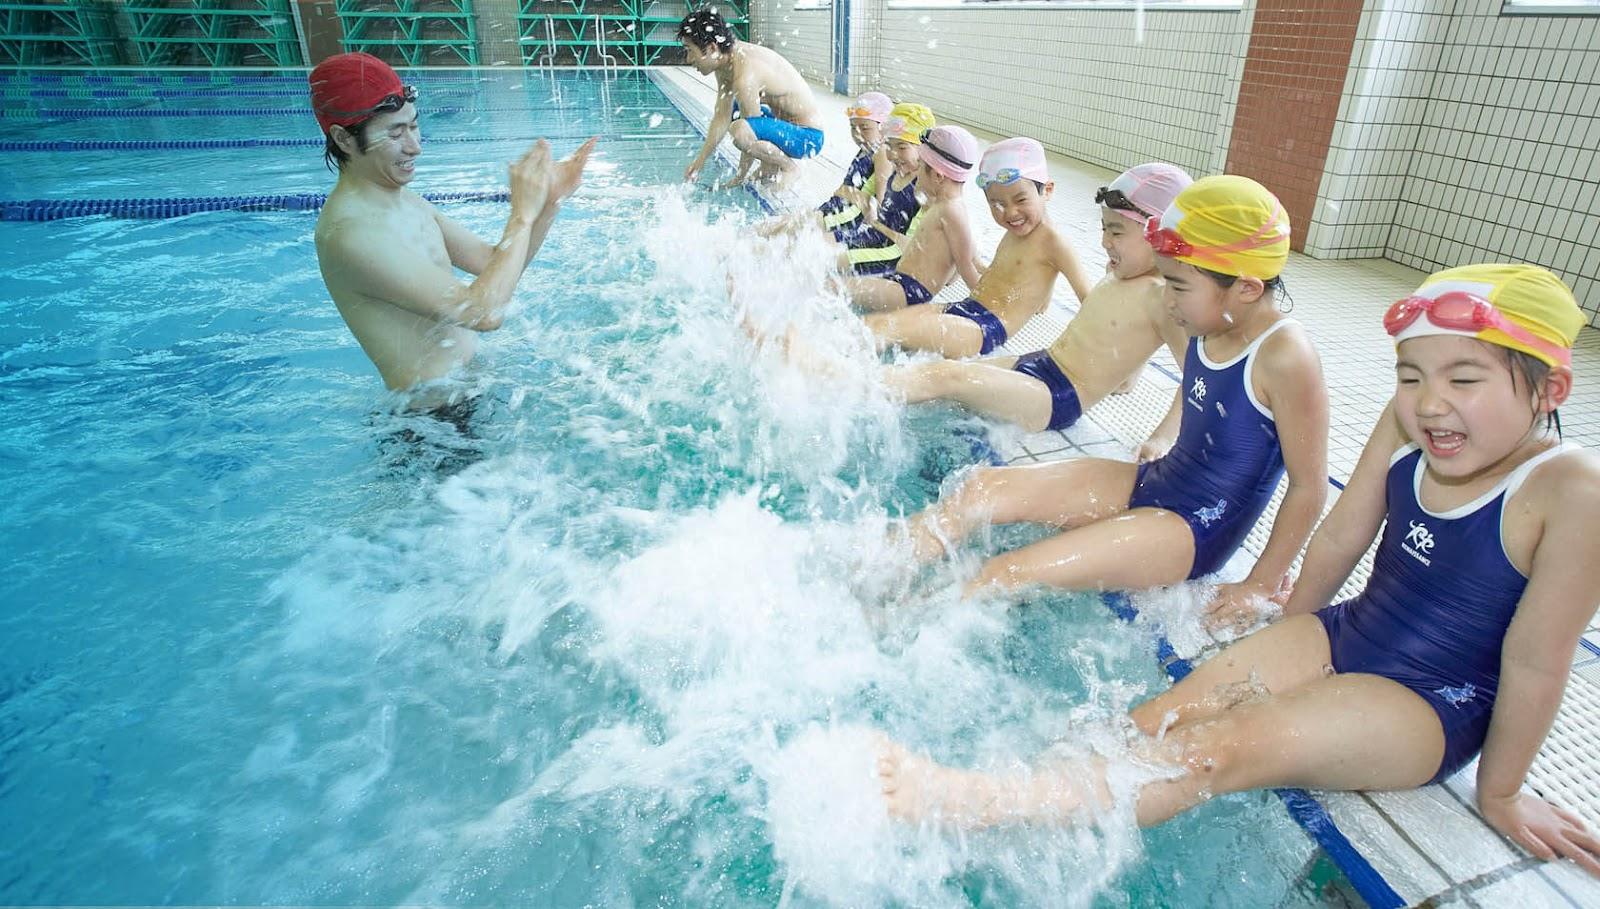 hình ảnh Tổng hợp các môn thể thao phù hợp với trẻ em - số 1